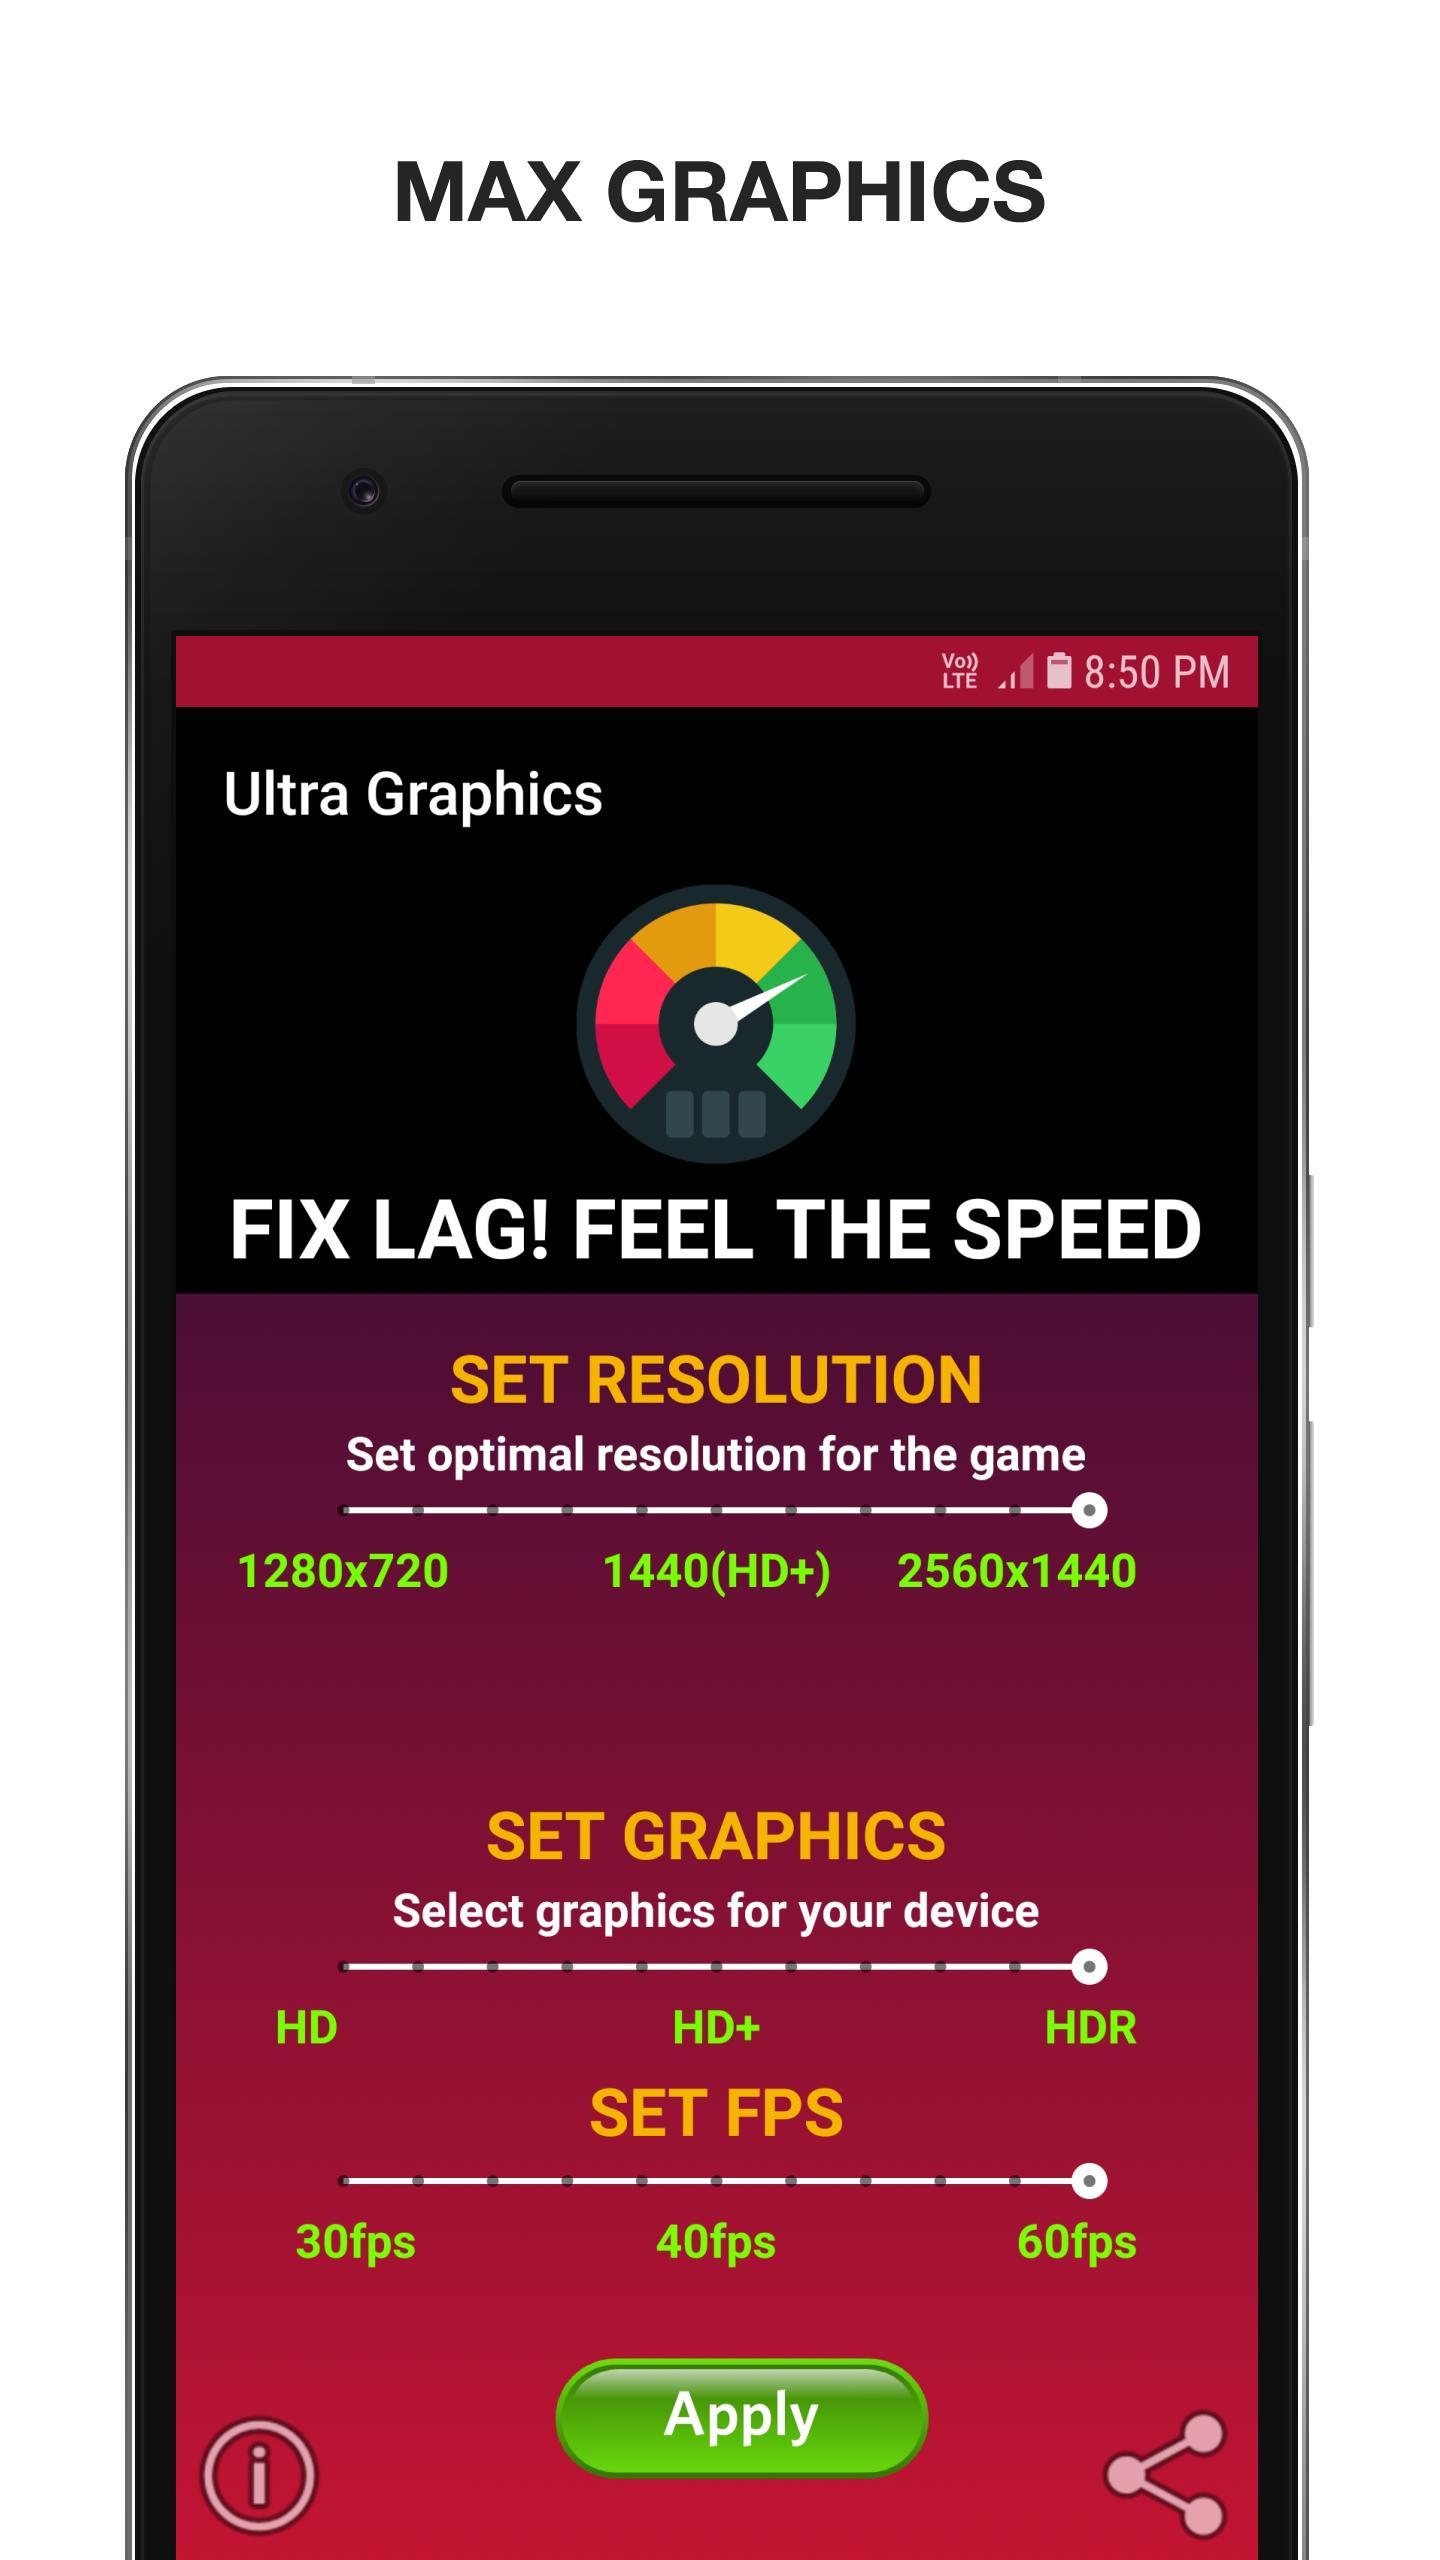 GFX Tool for Asphalt 9 Legends for Android - APK Download